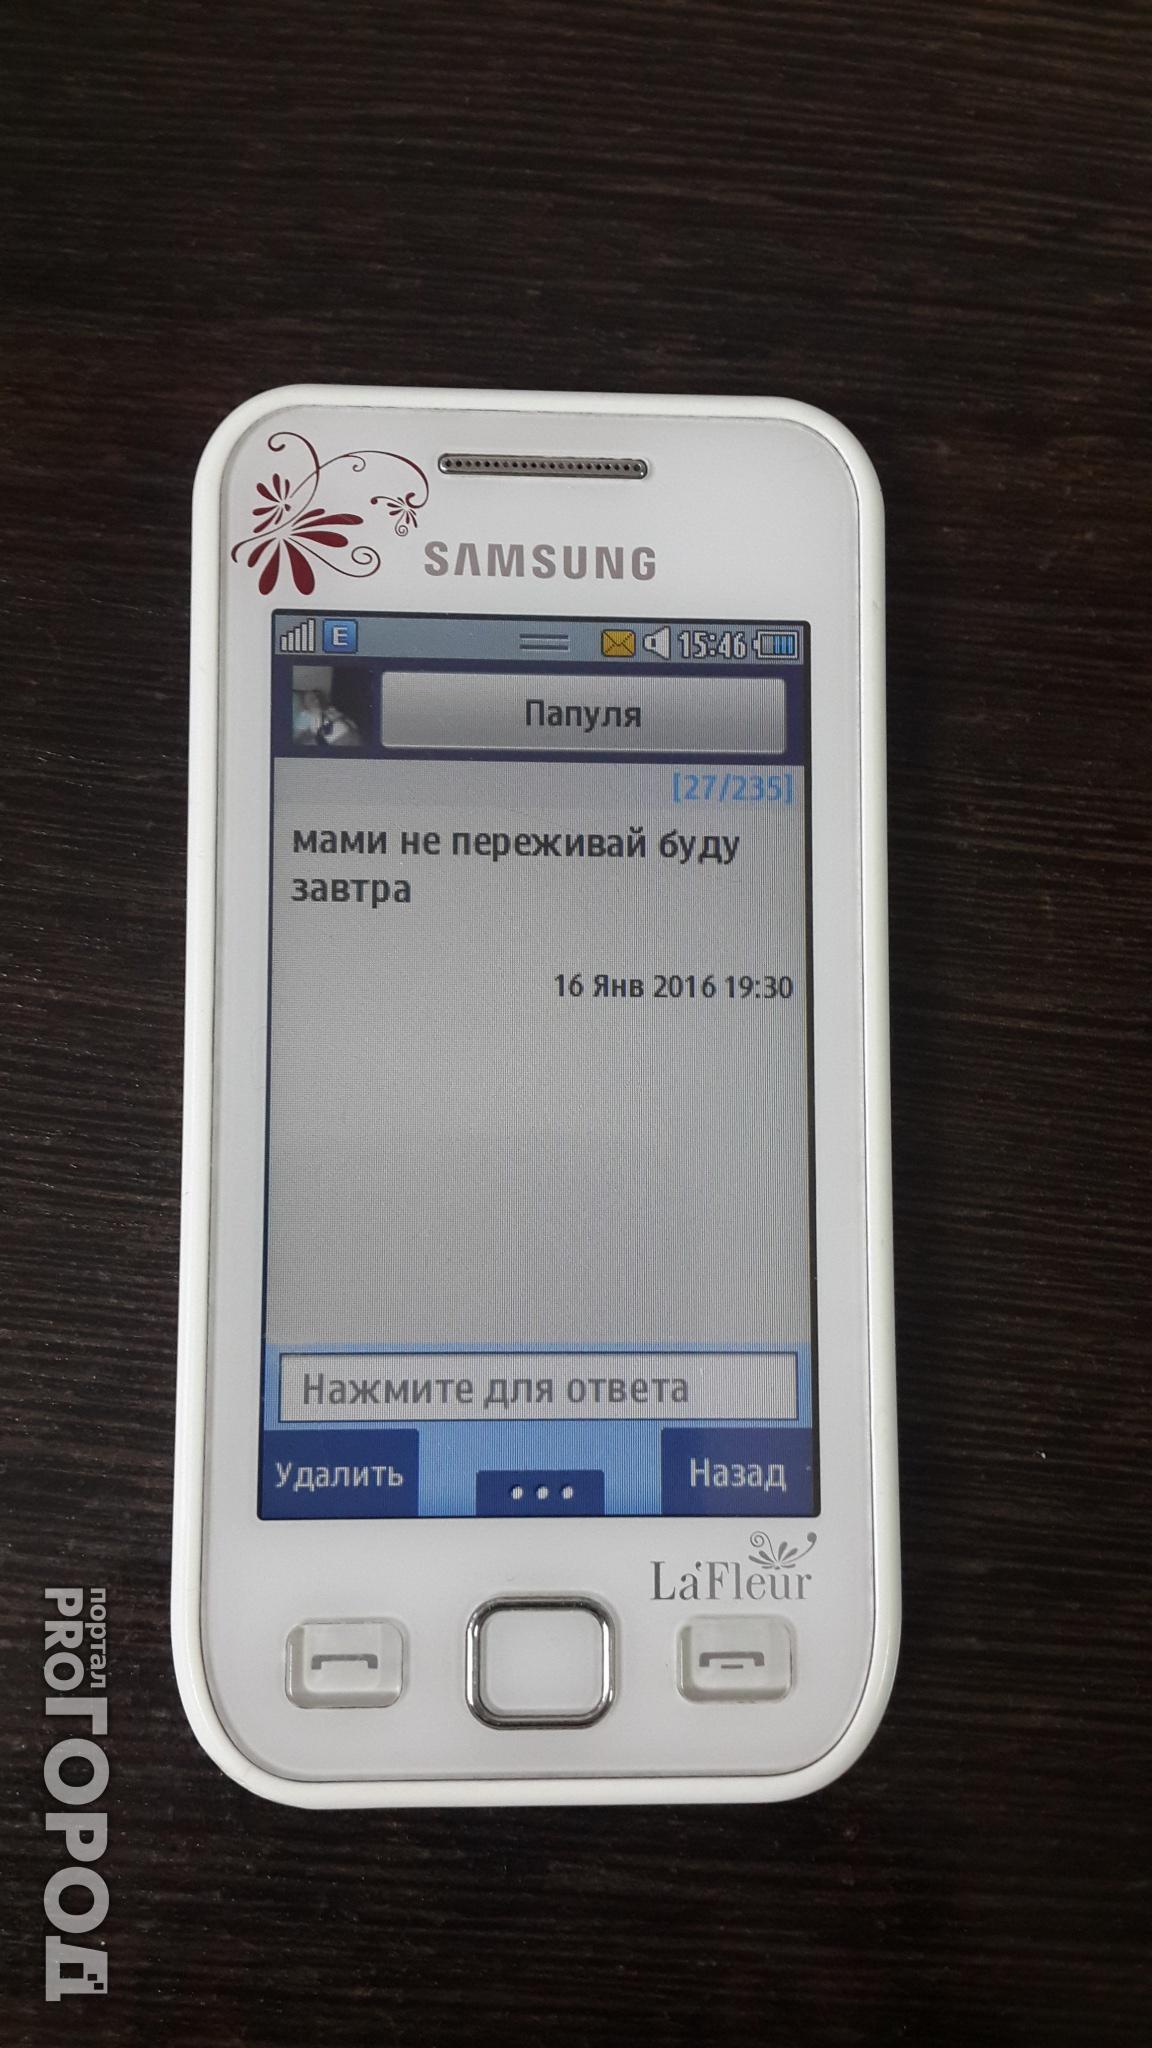 как сделать чтобы не приходили смс на телефон с сайта знакомств